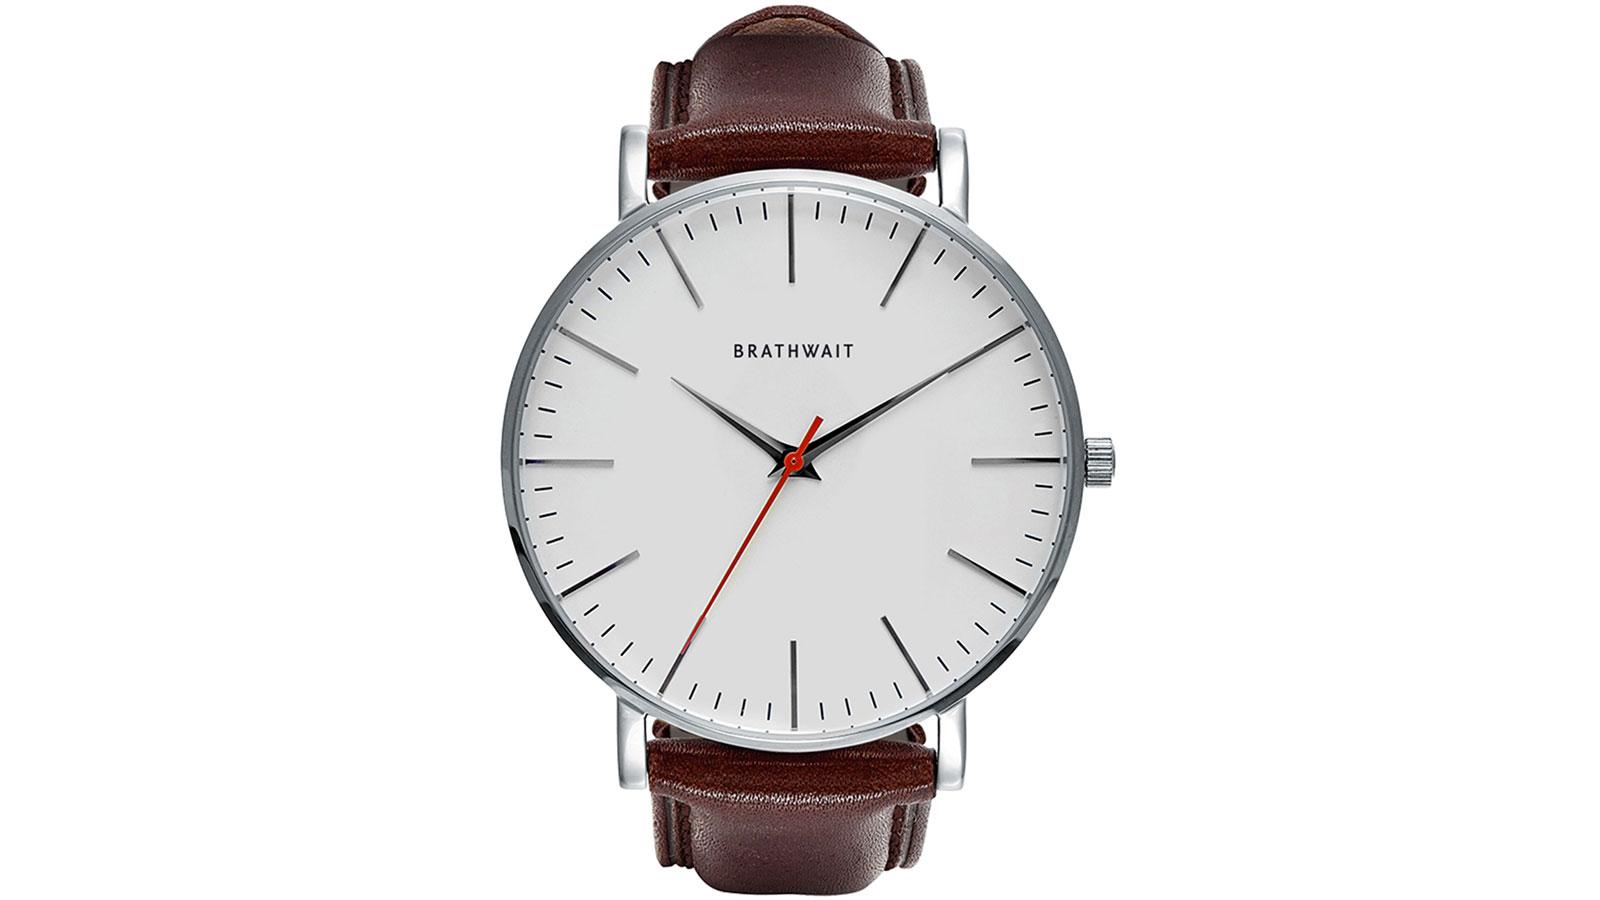 Brathwait The classic Slim Wrist Watch | best minimalist watches for men